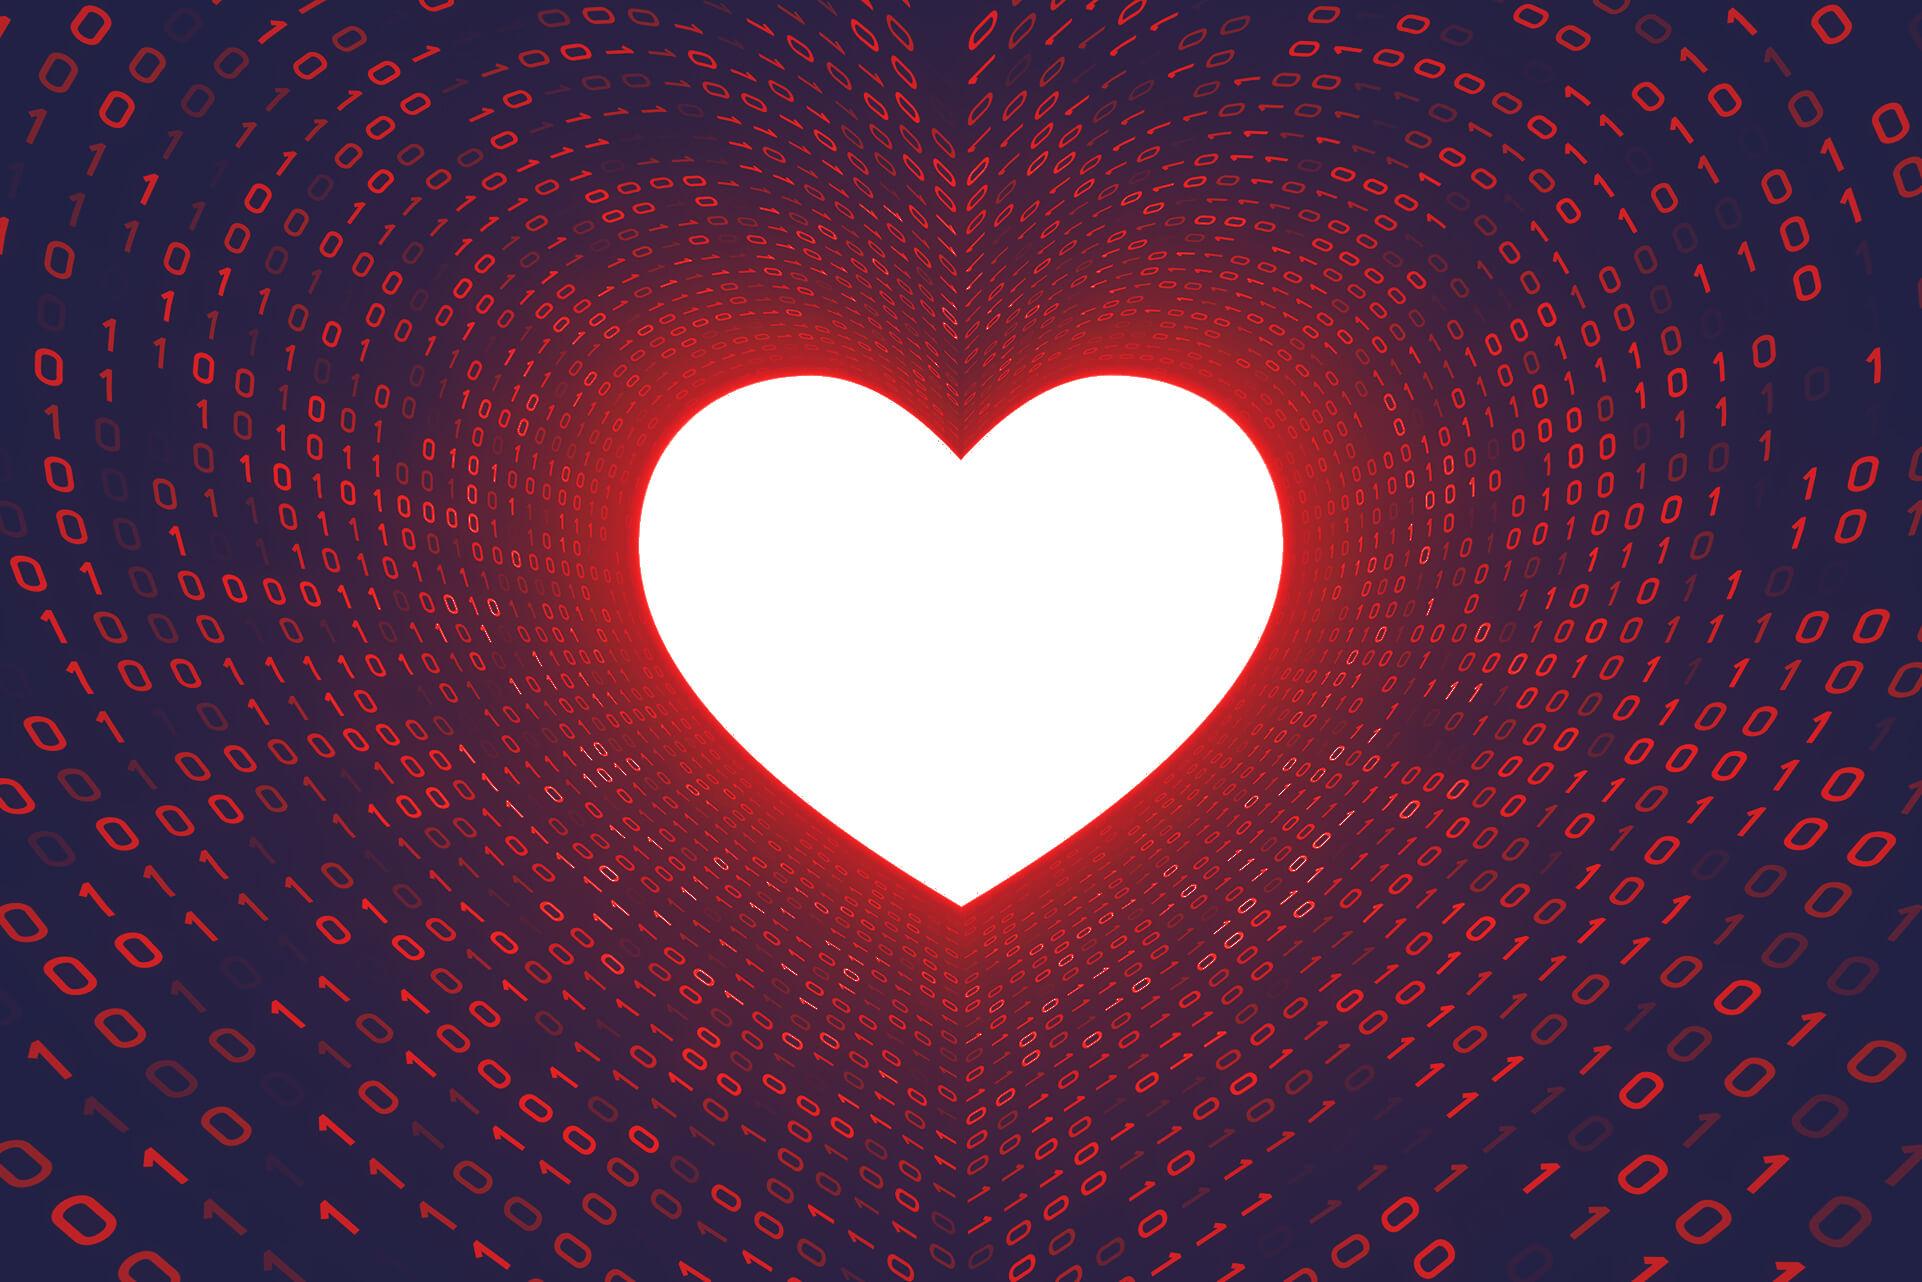 Ein weißes Herz umgeben von vielen Einsen und Nullen. | eggheads.net